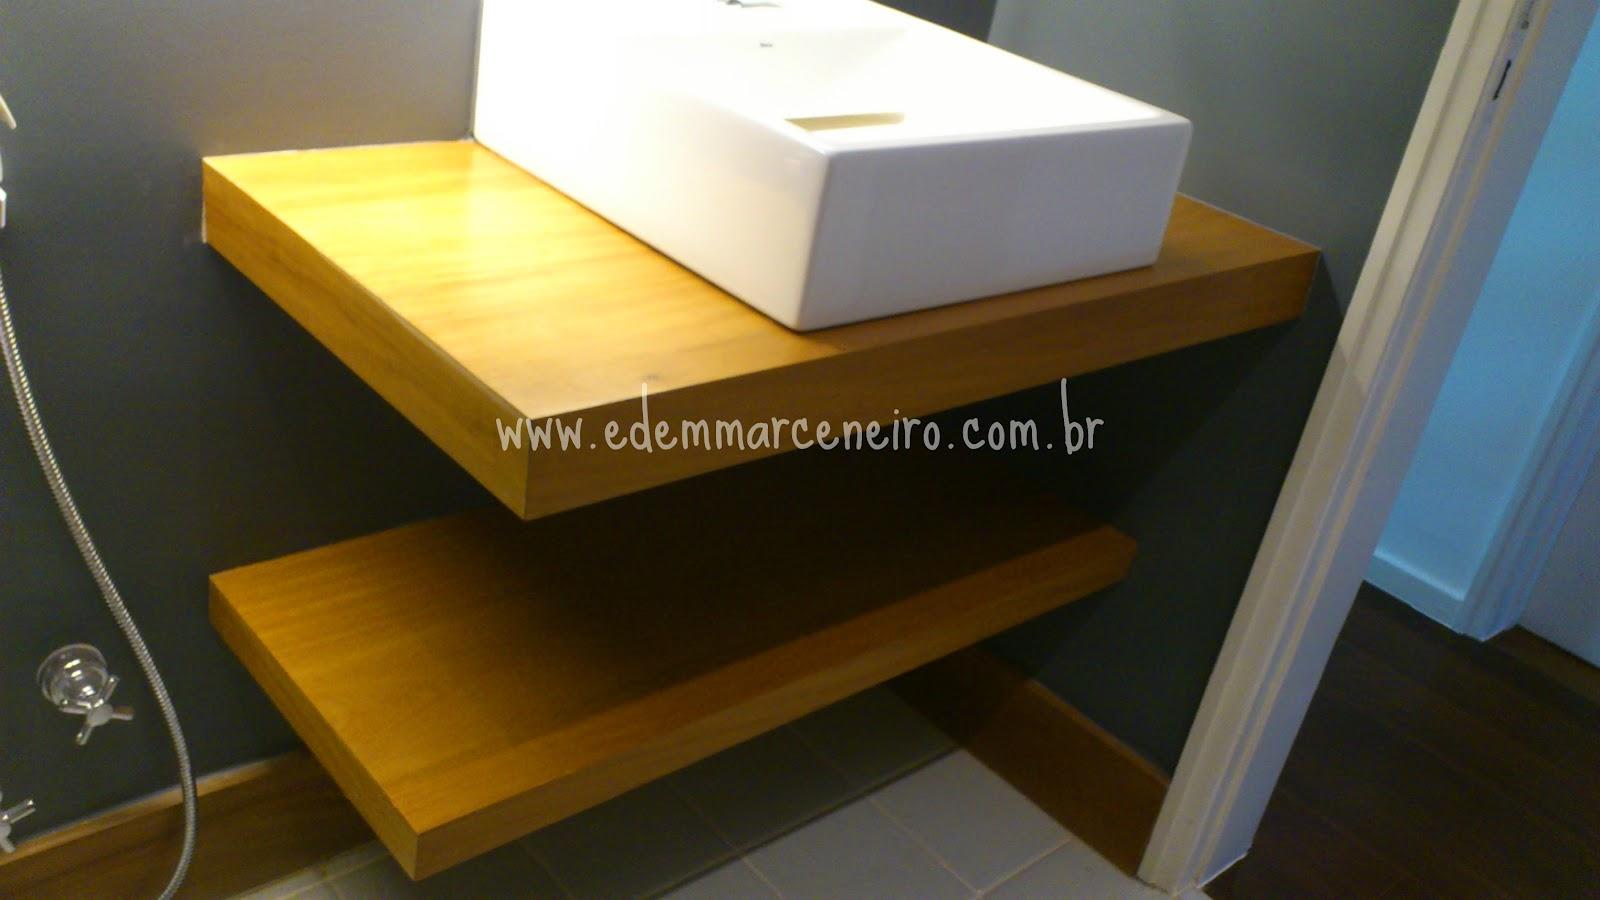 Aproveite e siga o Instagam Edem marceneiro e curta a página Edem  #C1A30A 1600x900 Banheiro Bancada De Madeira